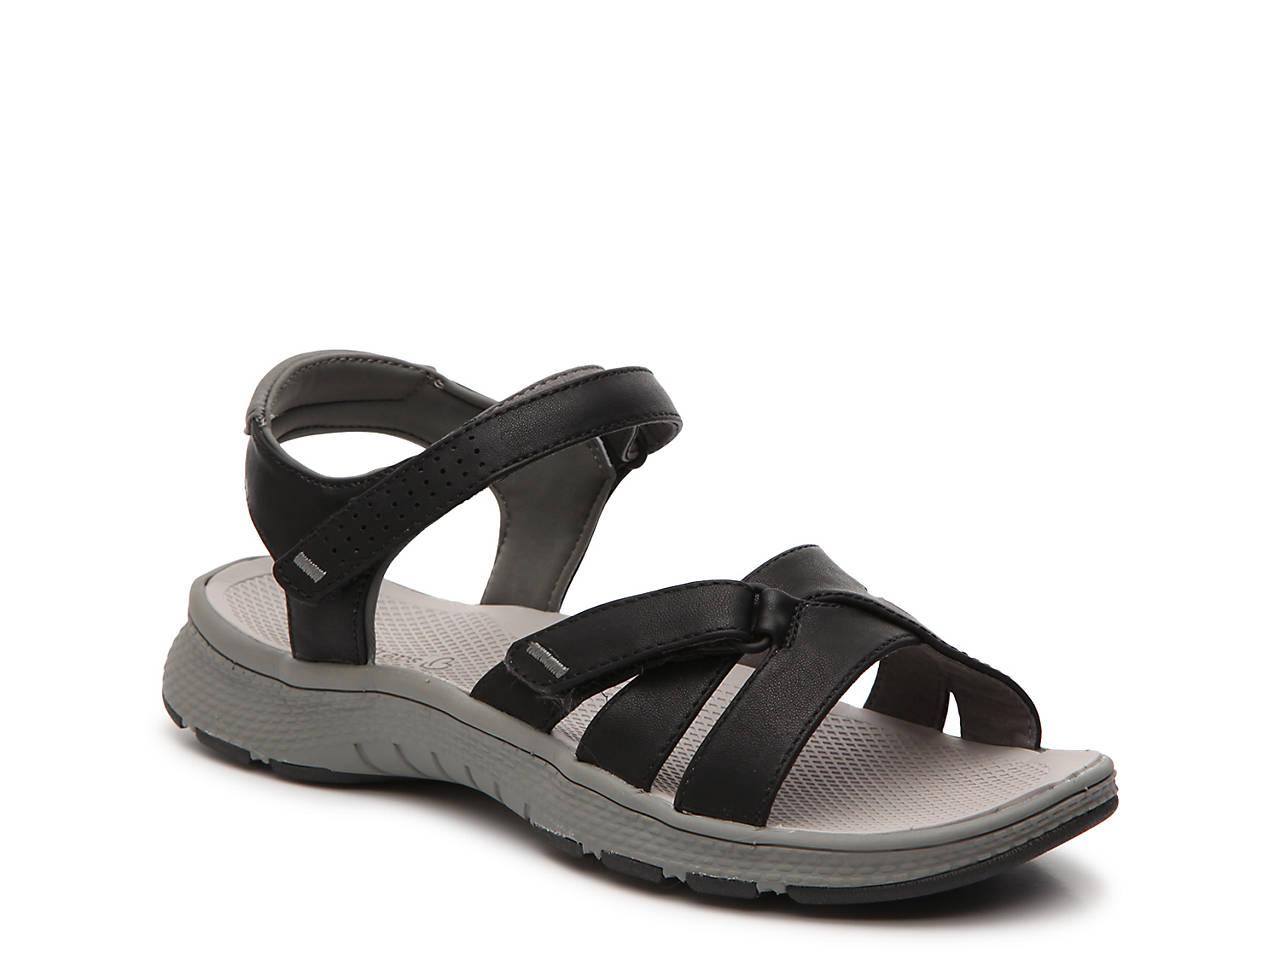 b24bc9bd70f13 Orien Sandal